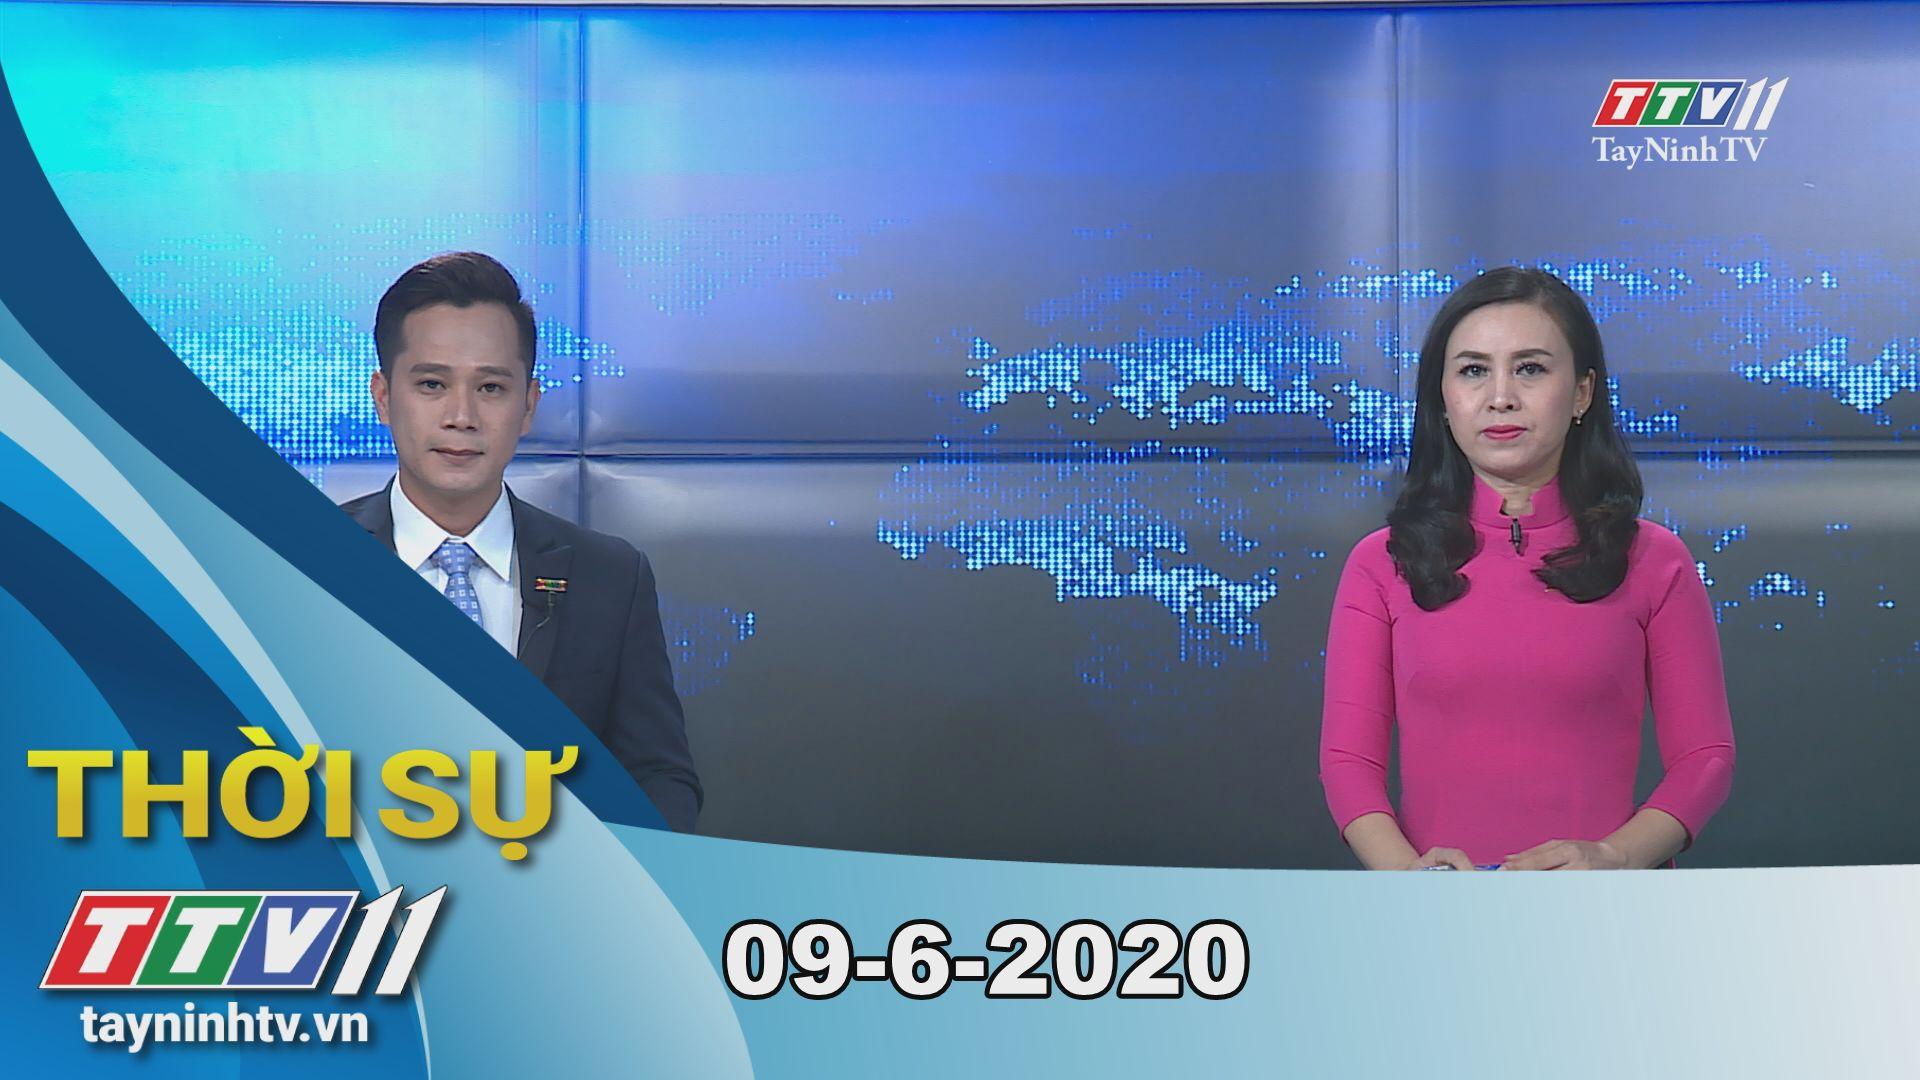 Thời sự Tây Ninh 09-6-2020 | Tin tức hôm nay | TayNinhTV